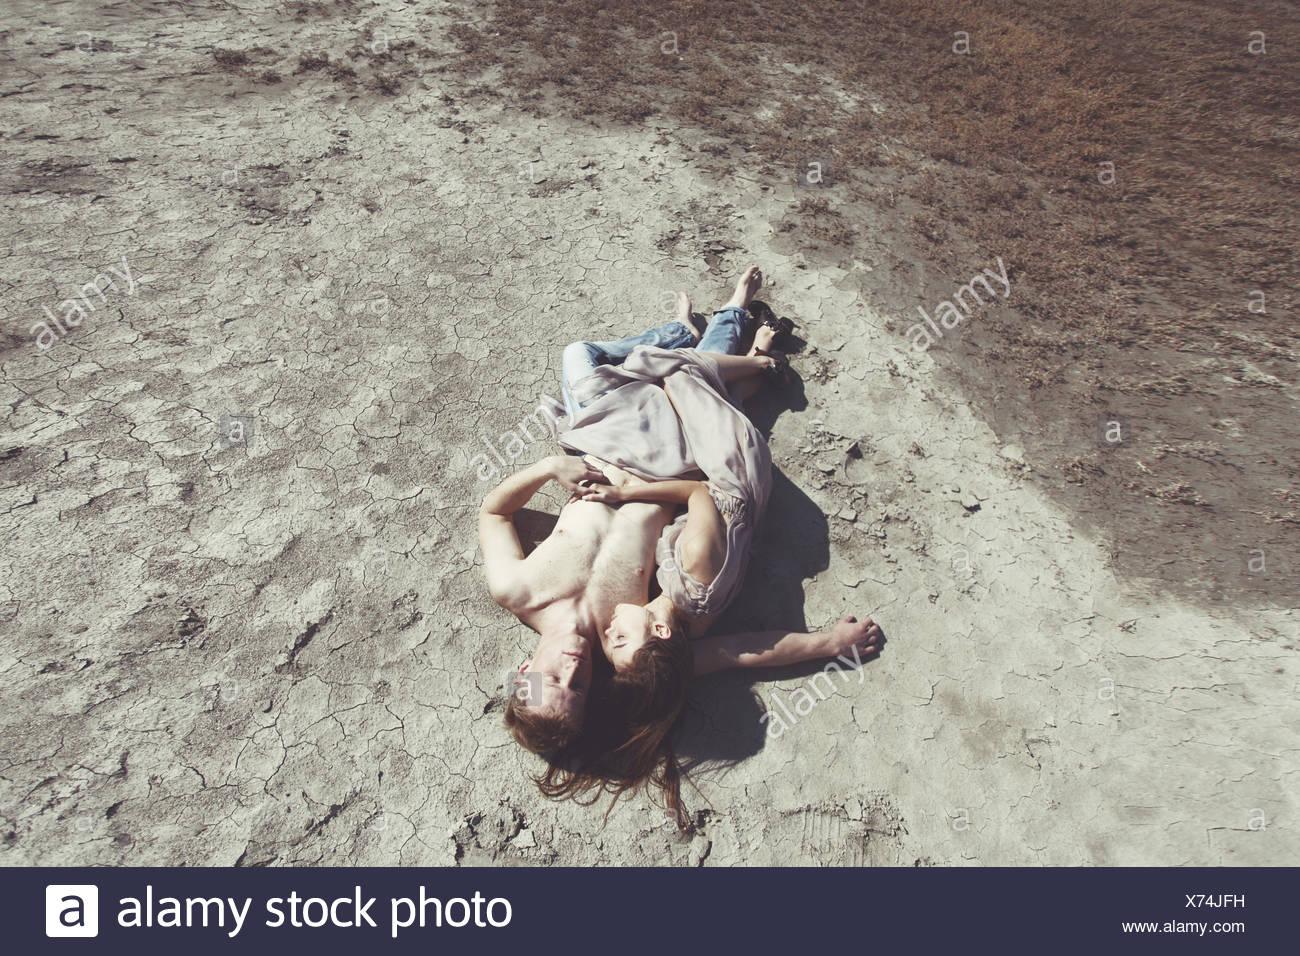 Couple lying on beach - Stock Image